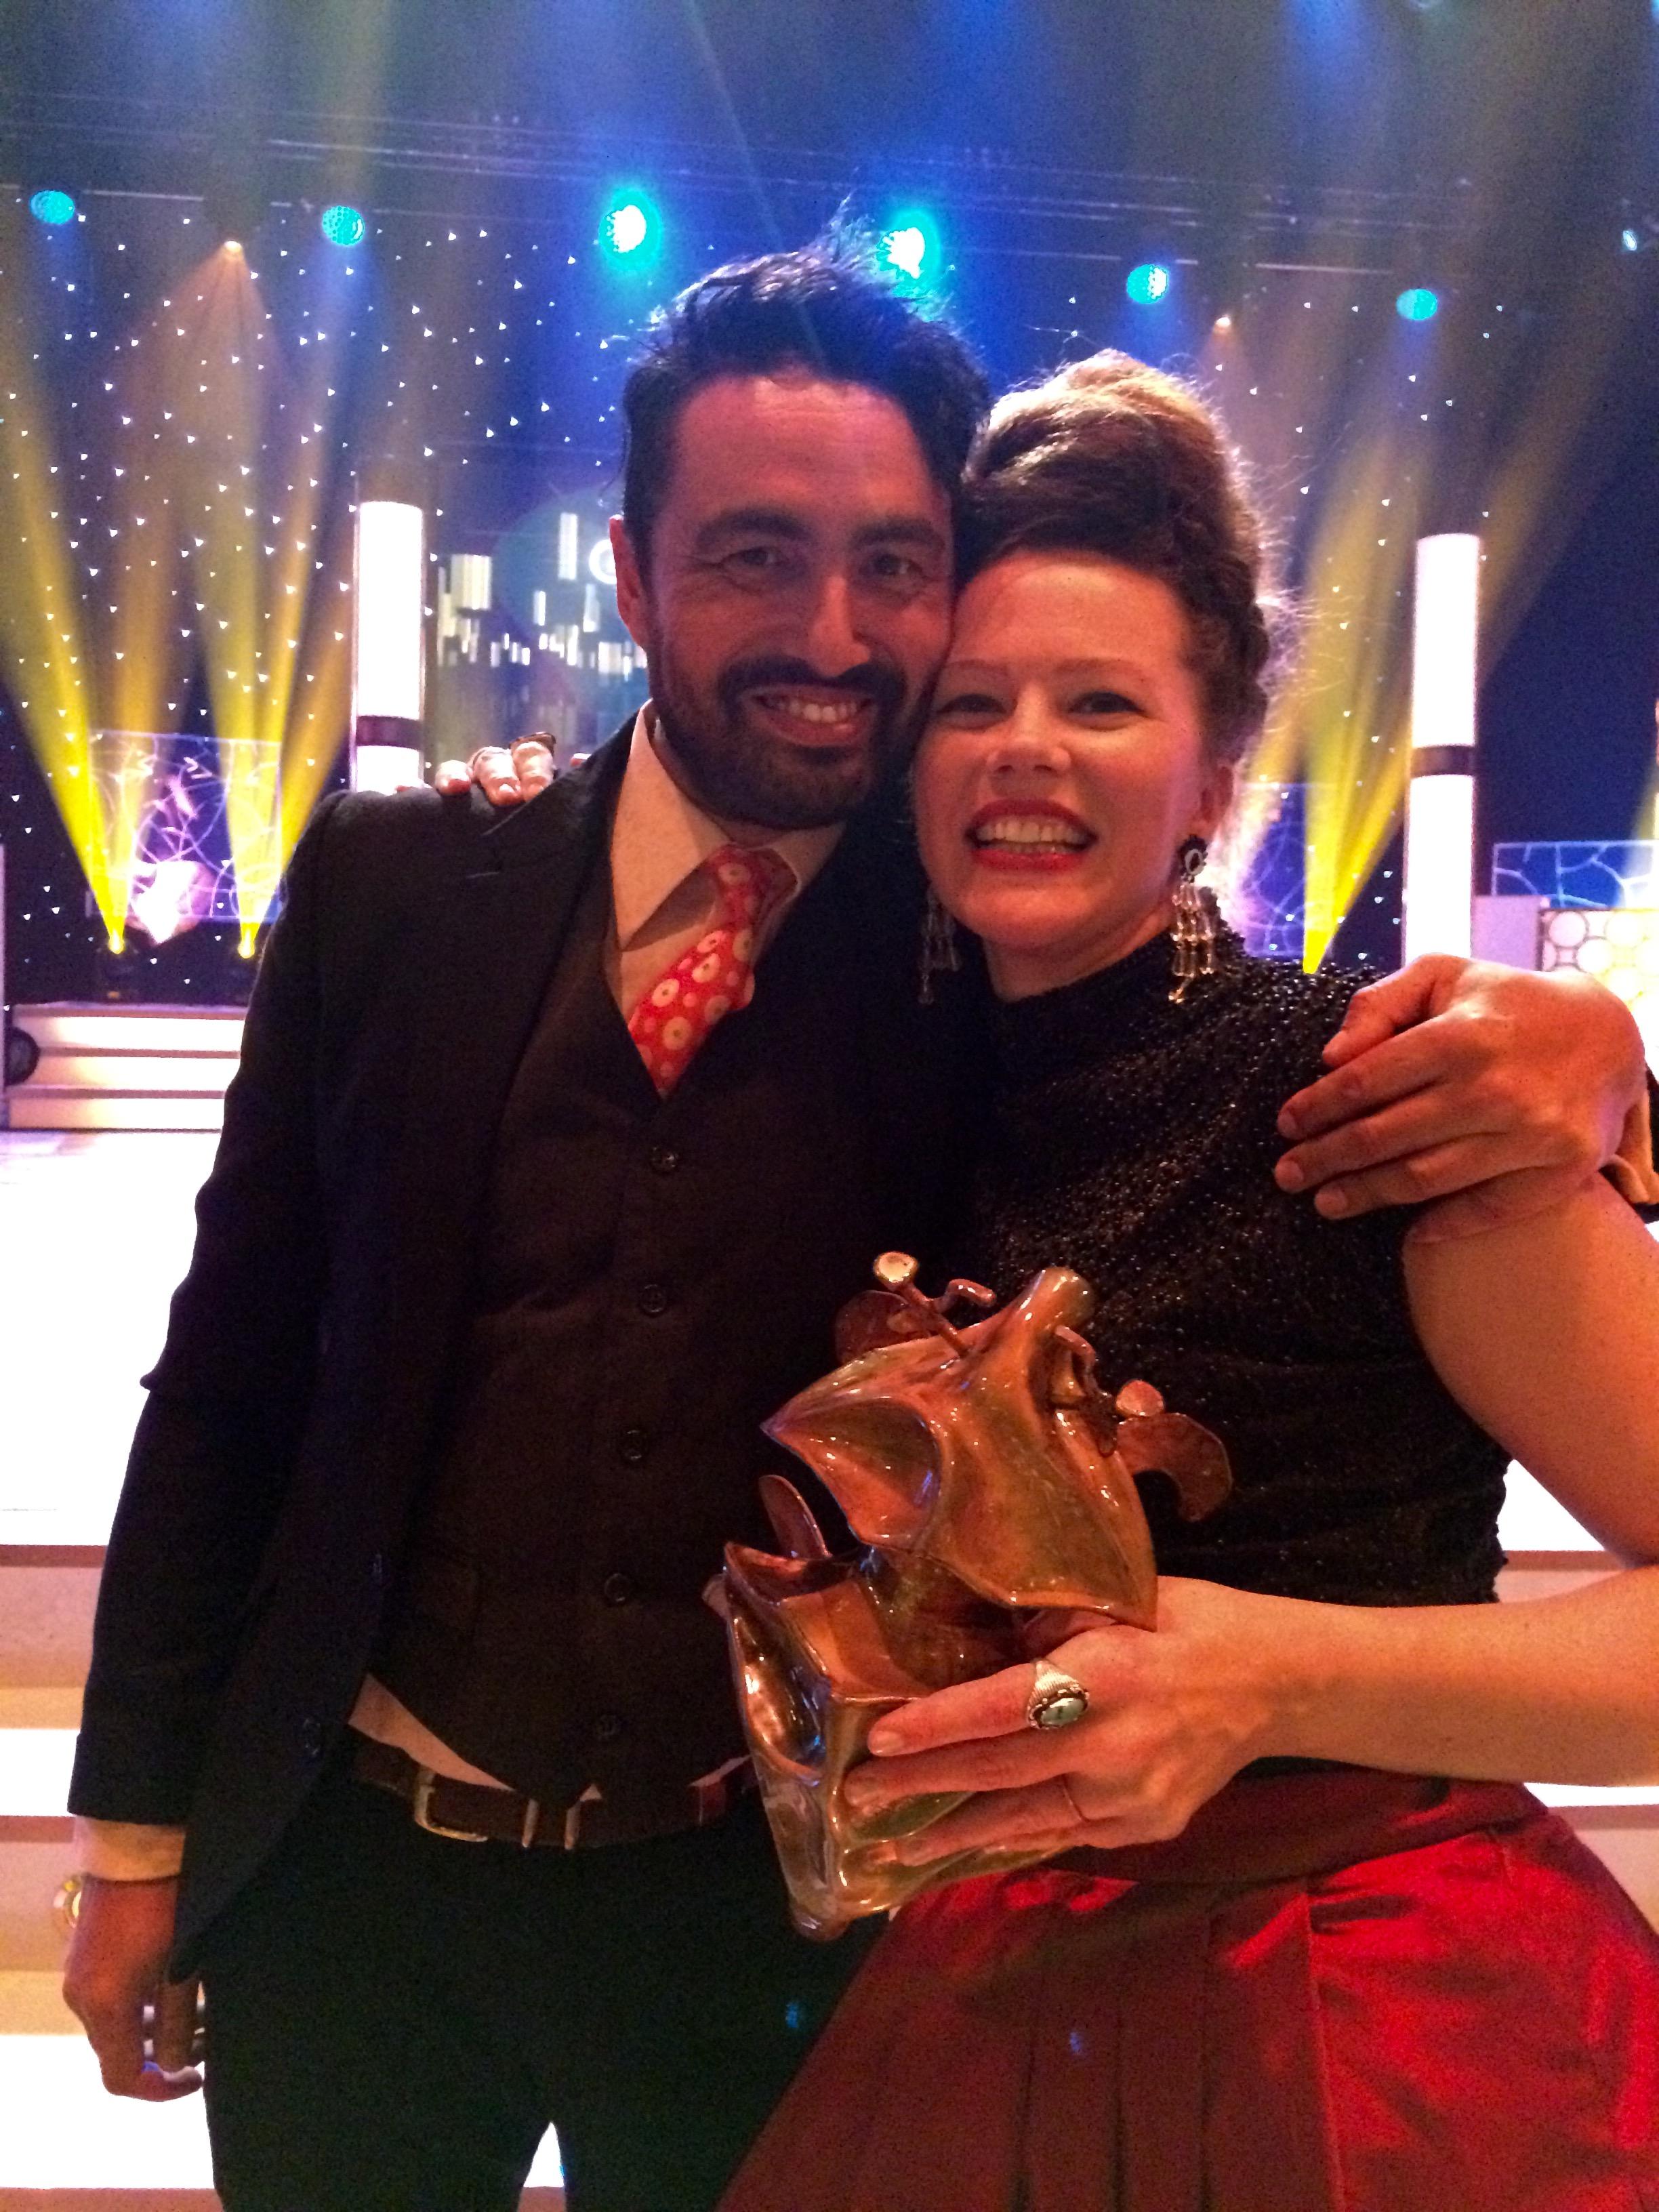 Marcus and Mia with Mia's Guldbagge (Swedish film award).